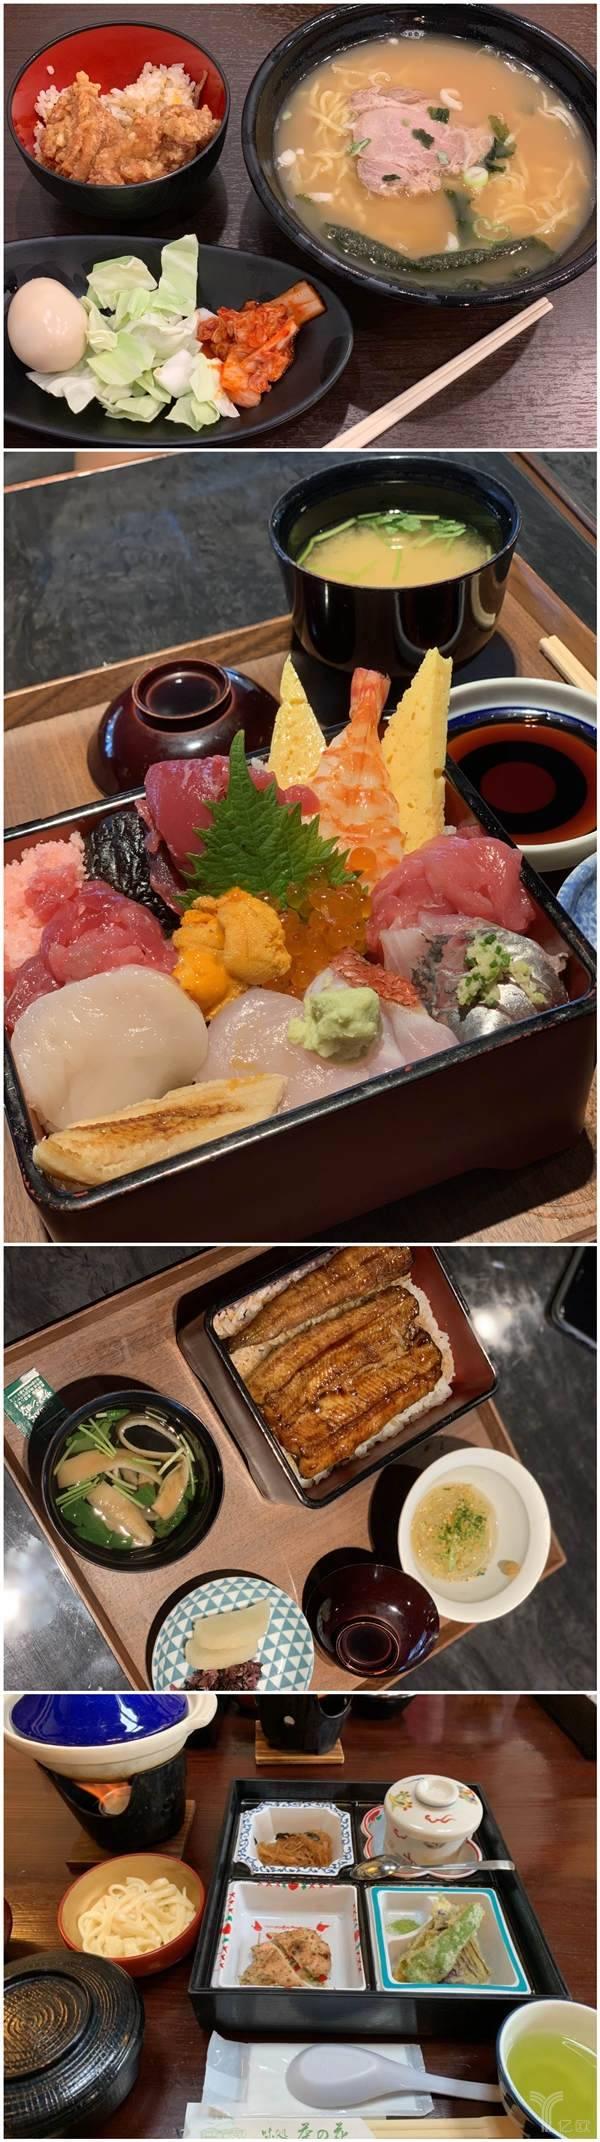 日本典型一人食套餐